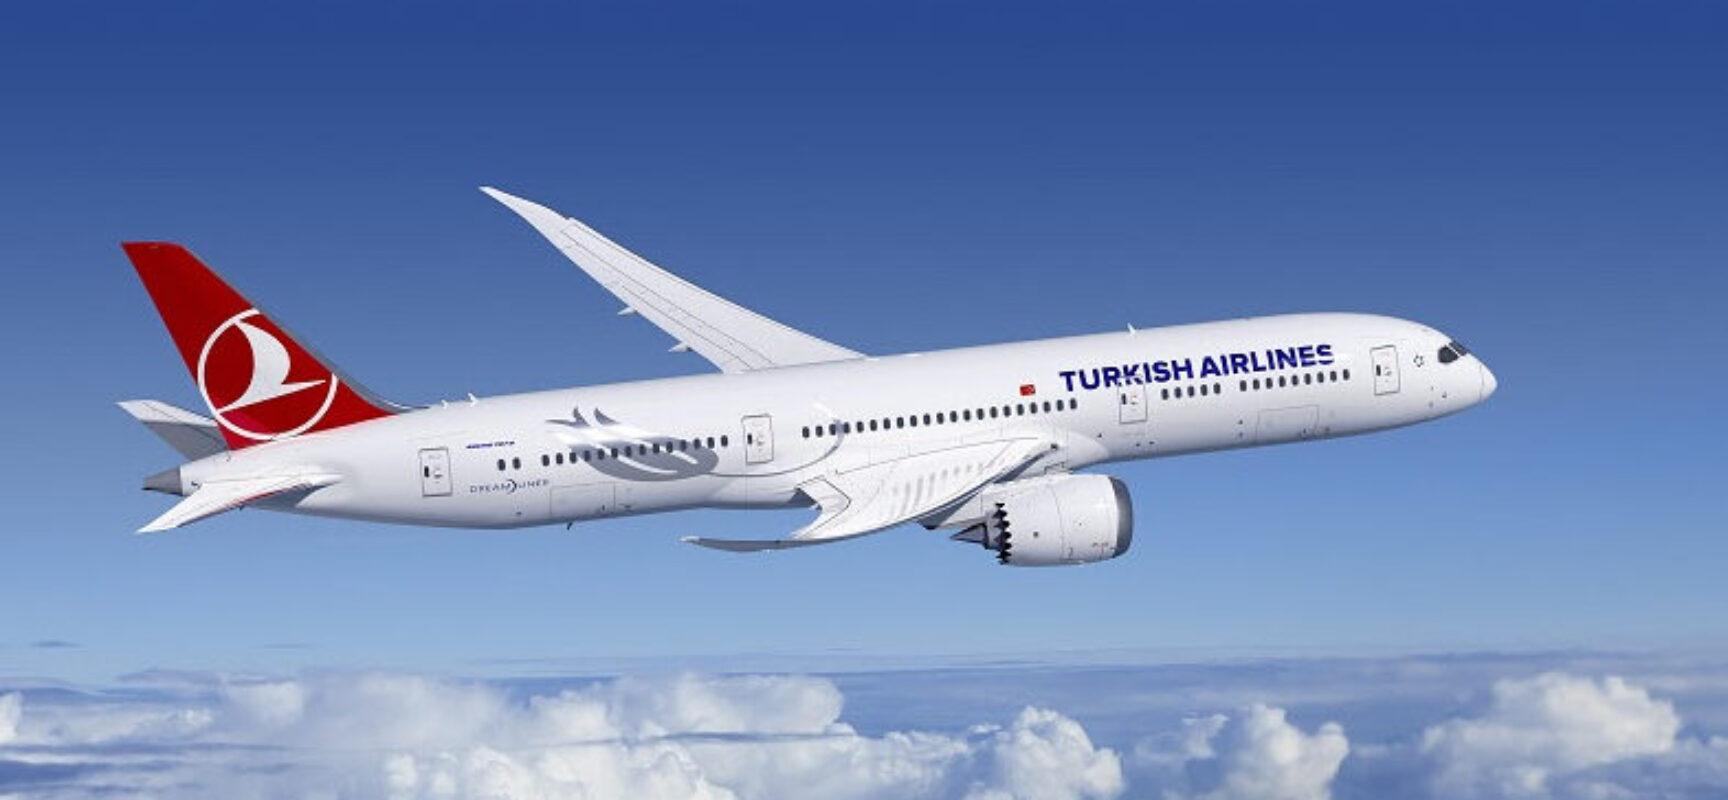 Turkish Airlines disponibiliza novos serviços a bordo de suas aeronaves